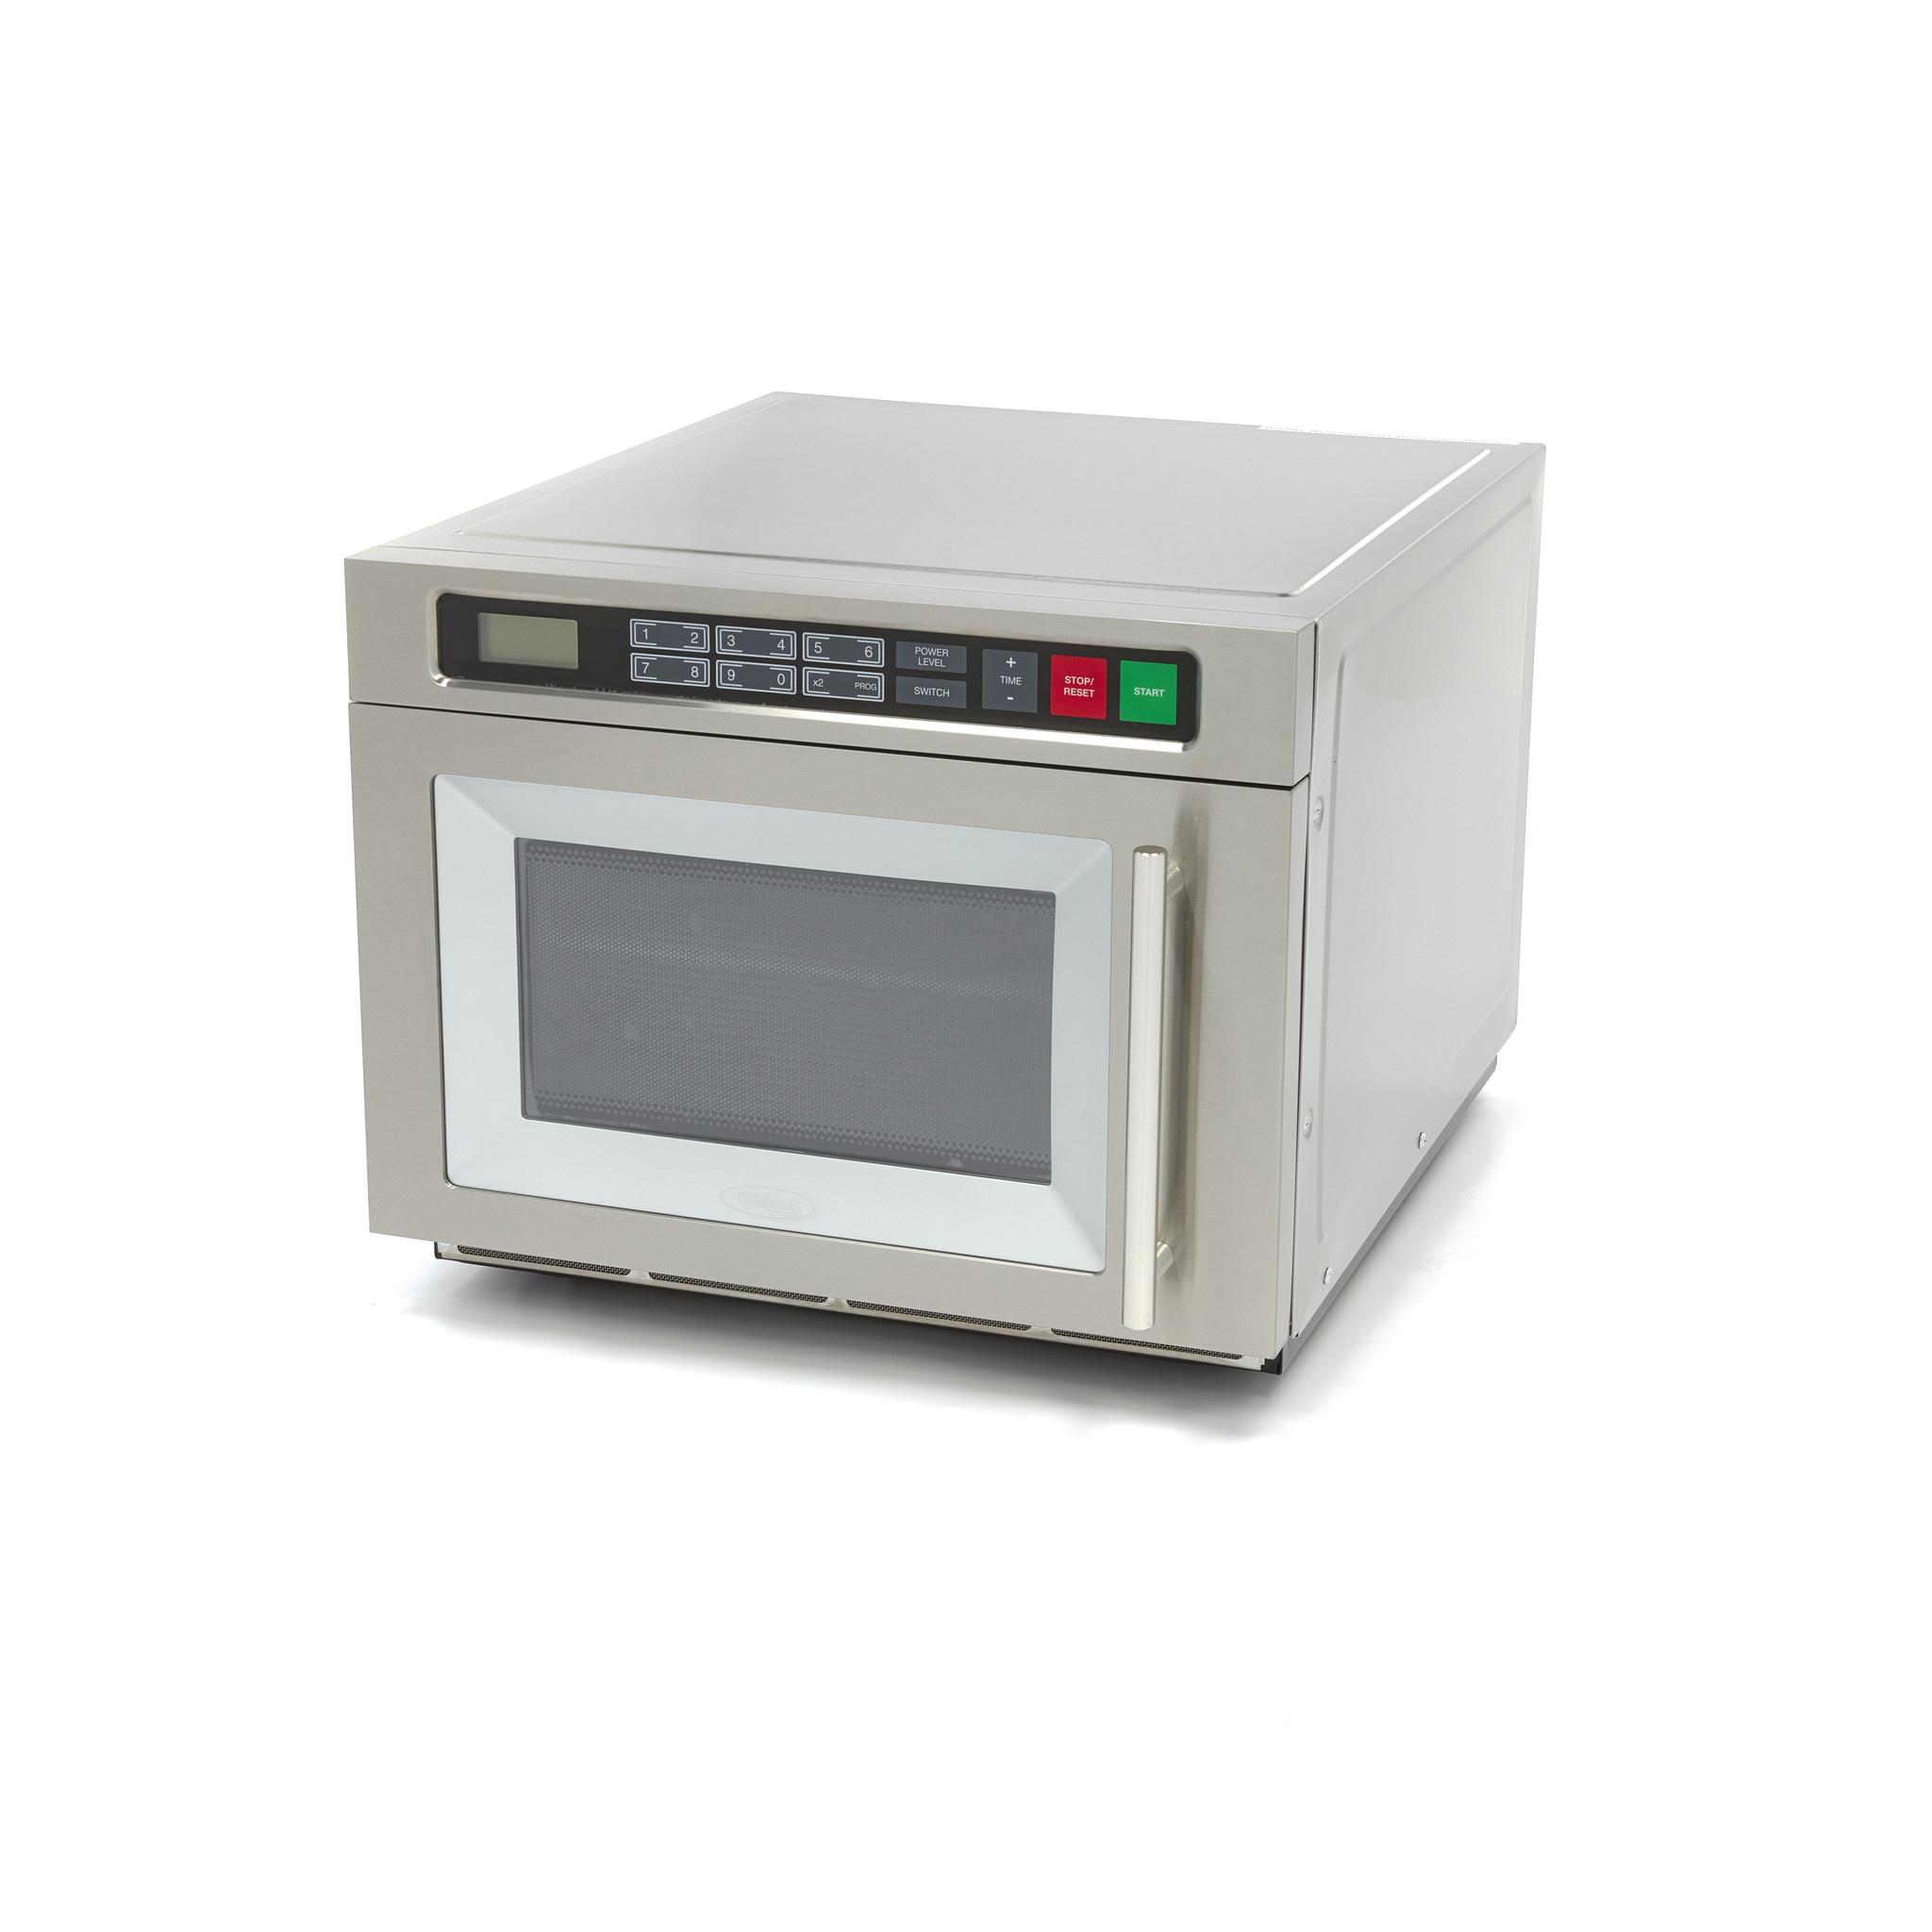 maxima-semi-professional-microwave-30l-1800w-progr.jpg